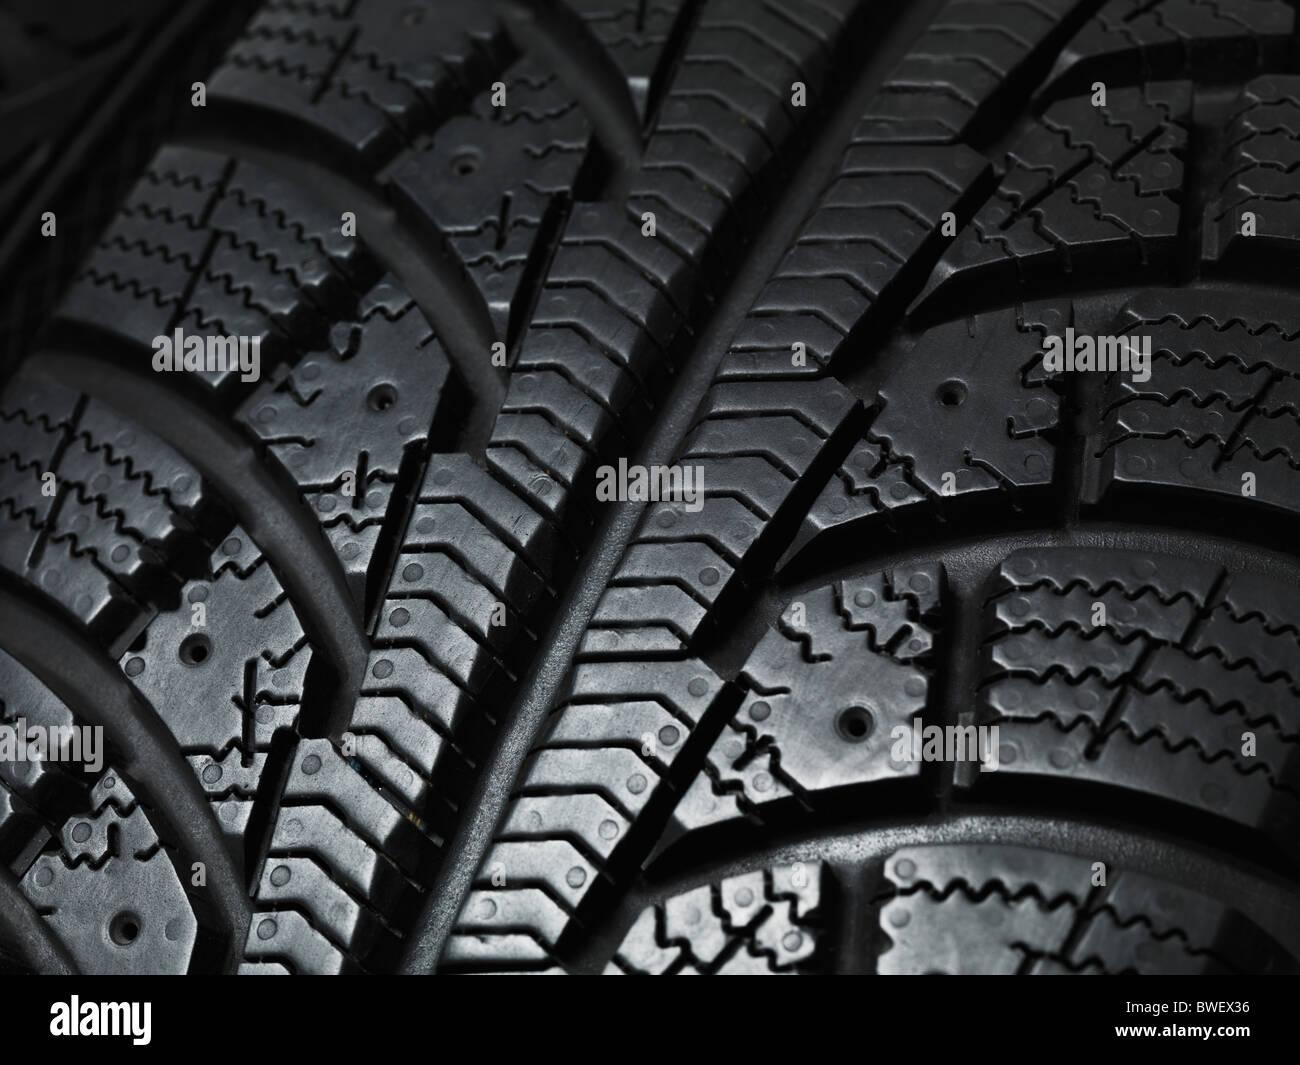 Primo piano di un inverno di pneumatici vettura texture del battistrada Foto Stock